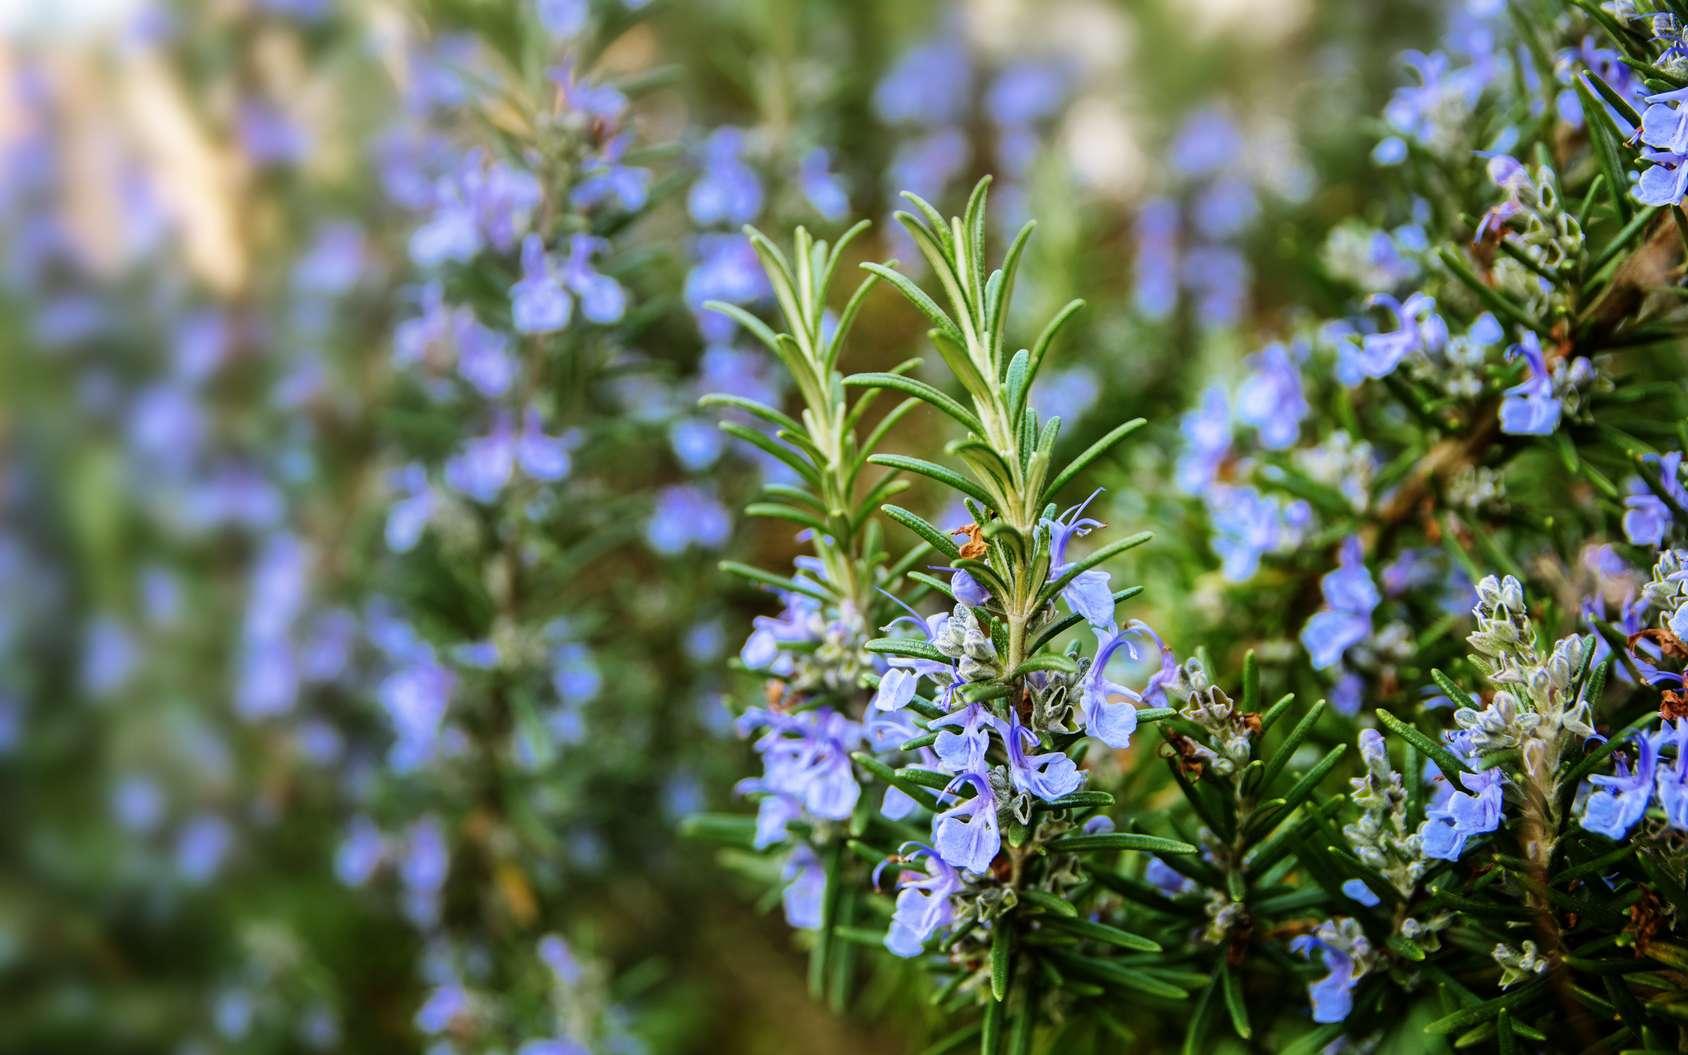 Le romarin est une plante aromatique qui produit des fleurs bleues comestibles, leur goût donne aux plats une saveur méditerranéenne. © Maren Winter, Fotolia